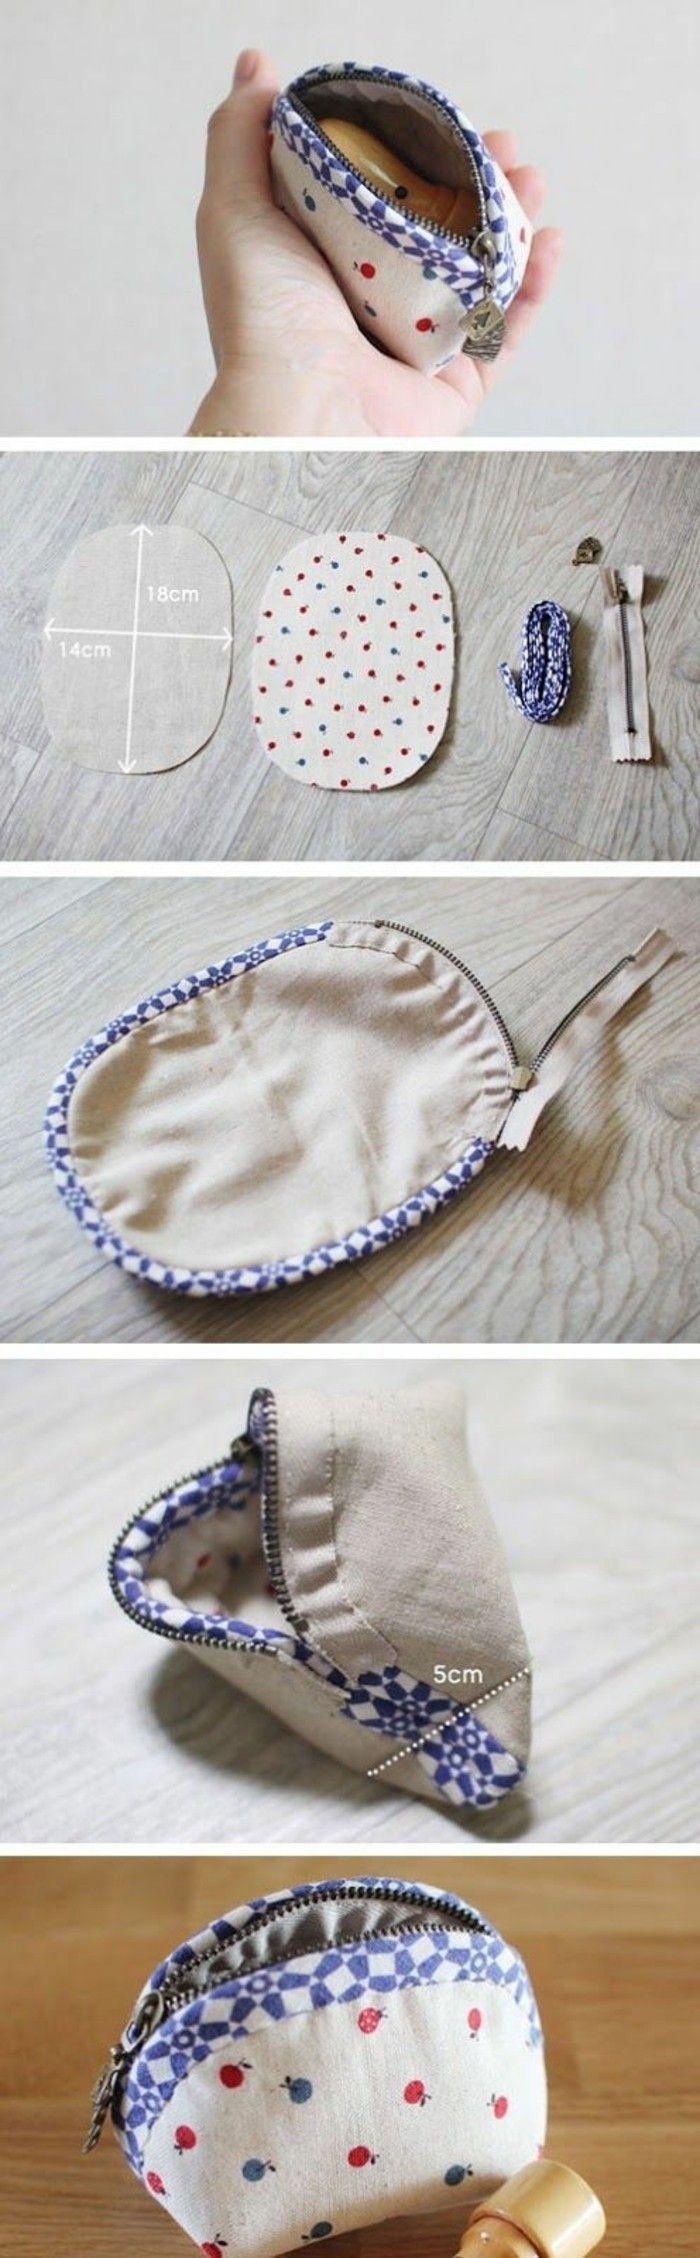 Geldbeutel nähen - 30 coole DIY Ideen für einen Geldbeutel #håndarbejde